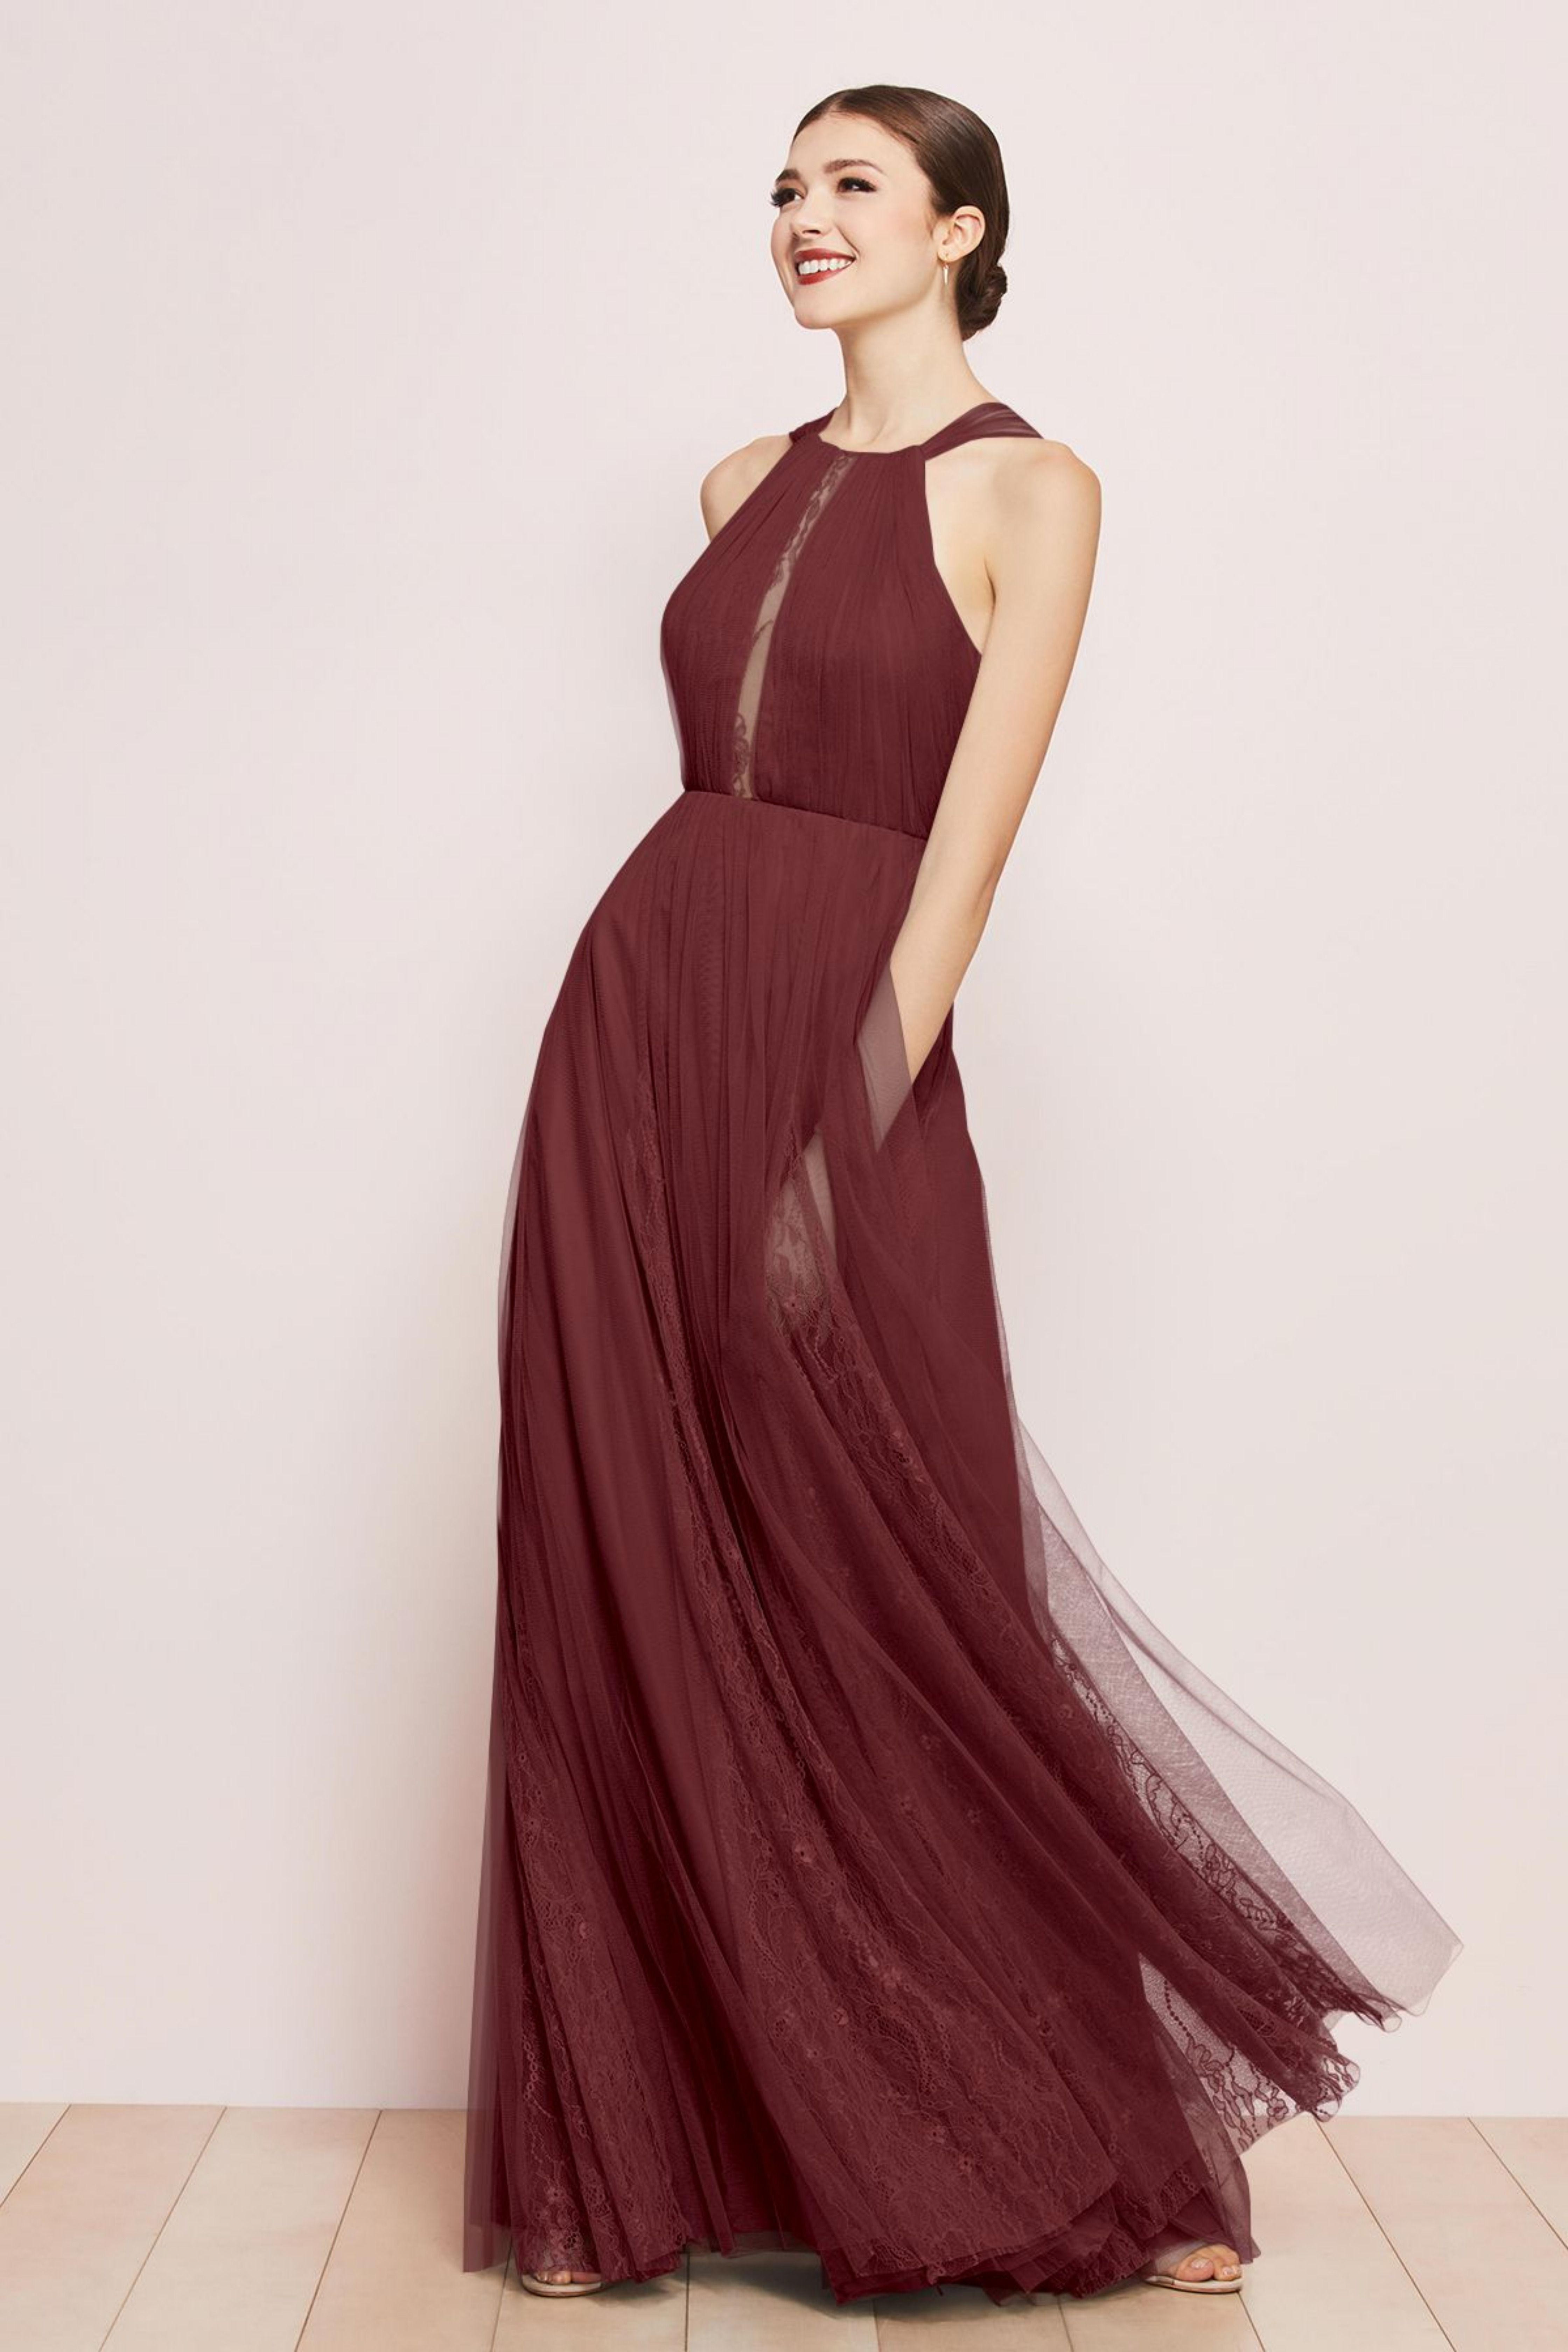 Watters Bridesmaid Dress Dark Wine Red Gianna Watters Bridesmaid Dresses Watters Bridesmaid Dresses